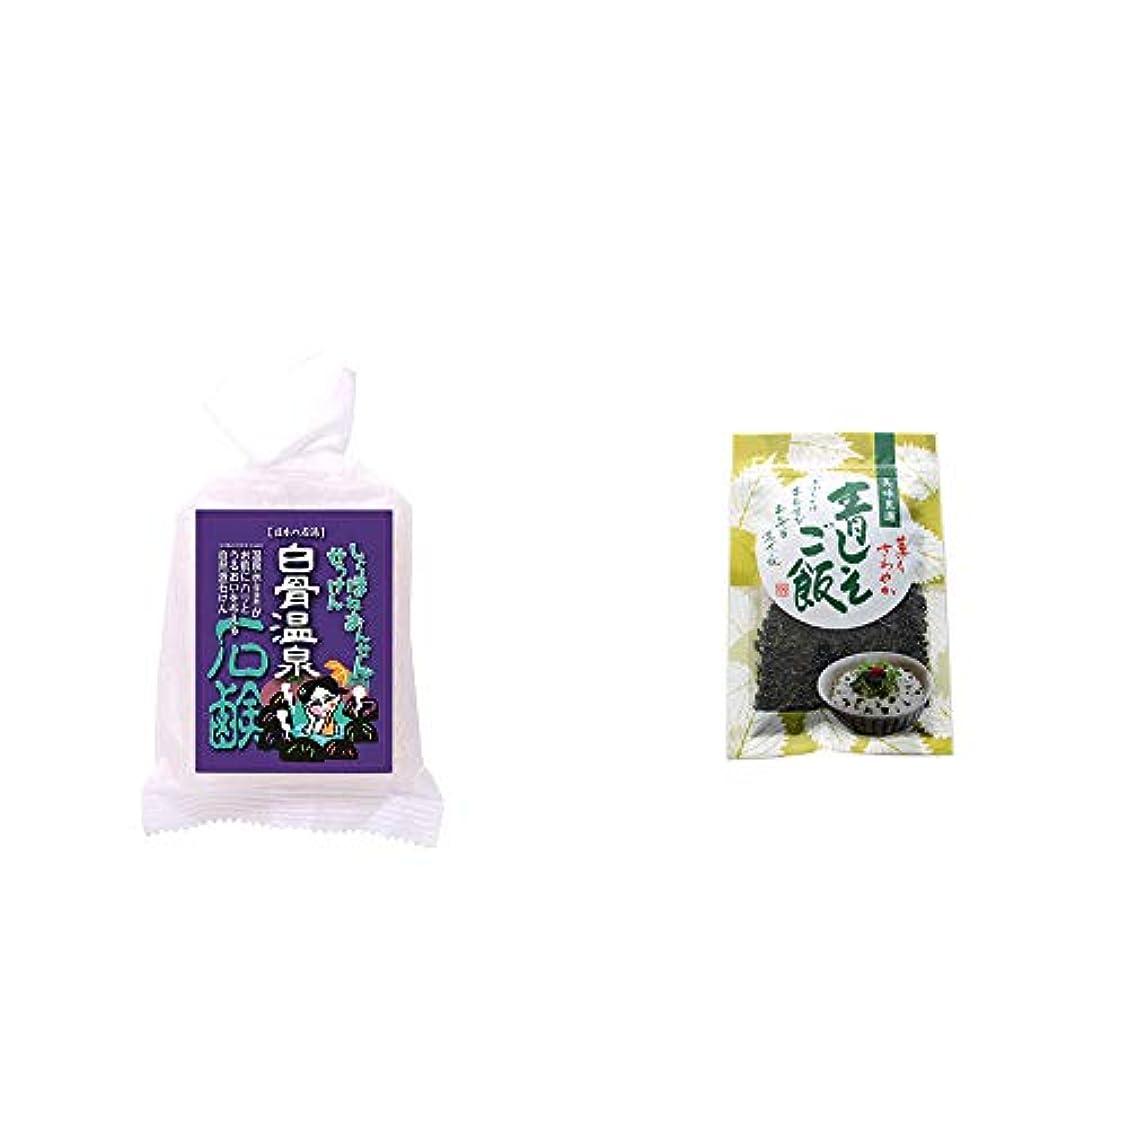 やむを得ないスノーケルコンプリート[2点セット] 信州 白骨温泉石鹸(80g)?薫りさわやか 青しそご飯(80g)